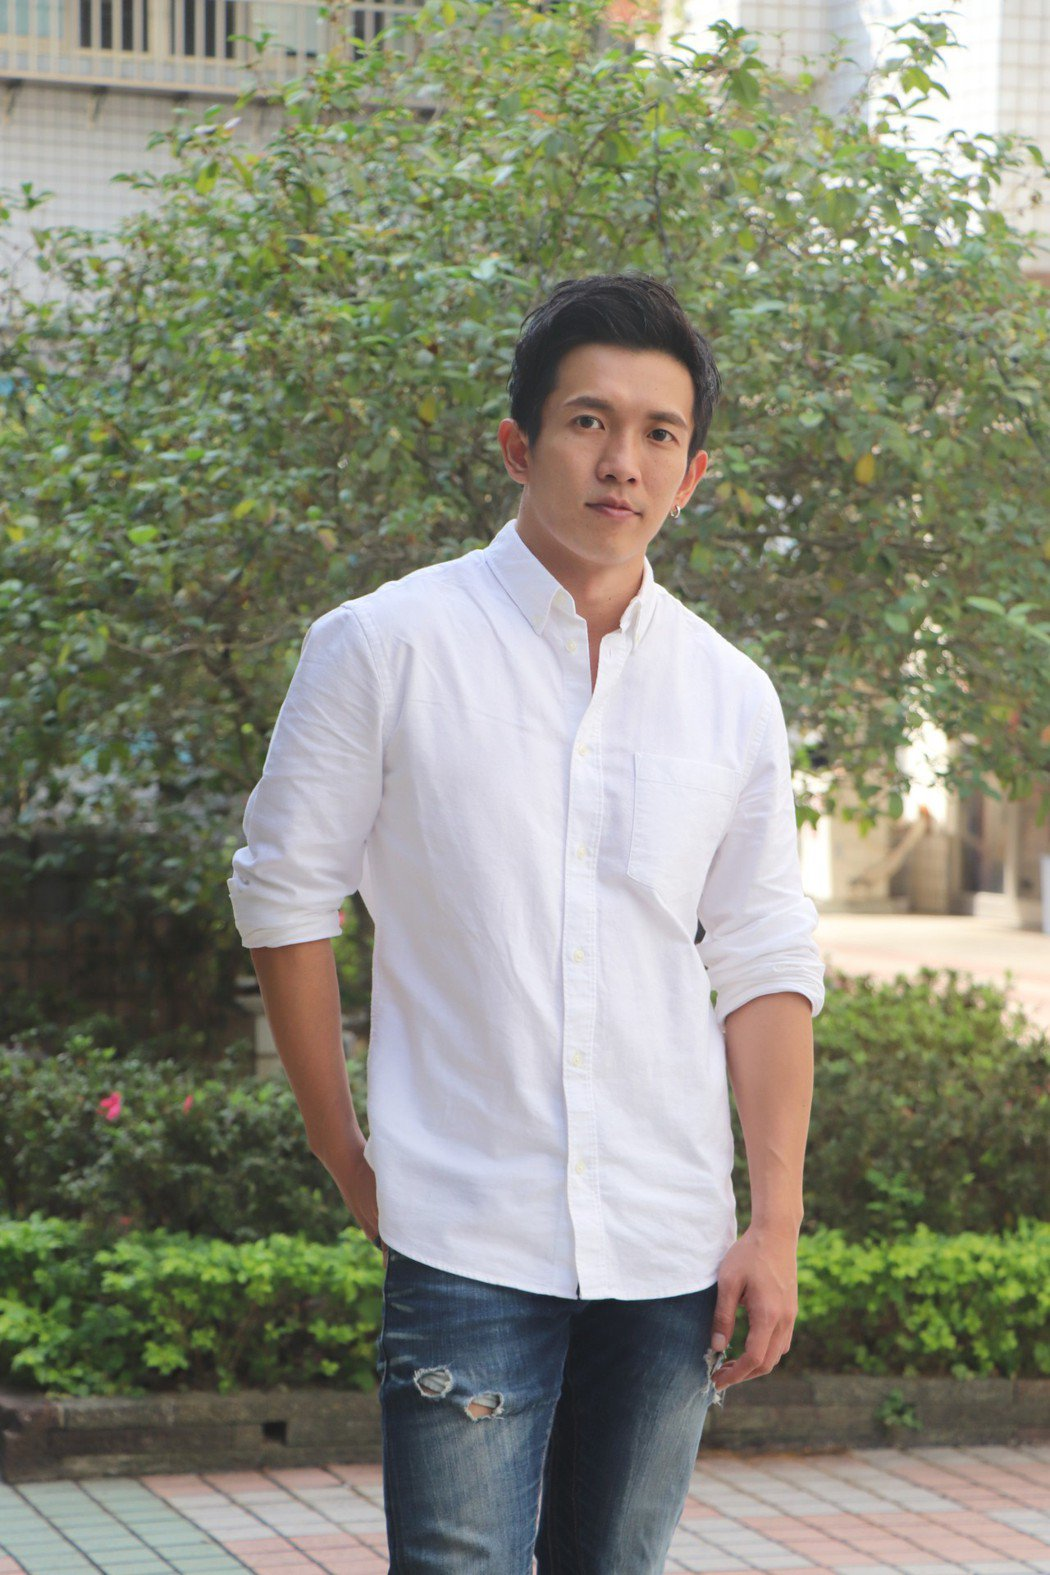 黃尚禾坦言去年底已和女友分手。圖/祖與占影像製作提供